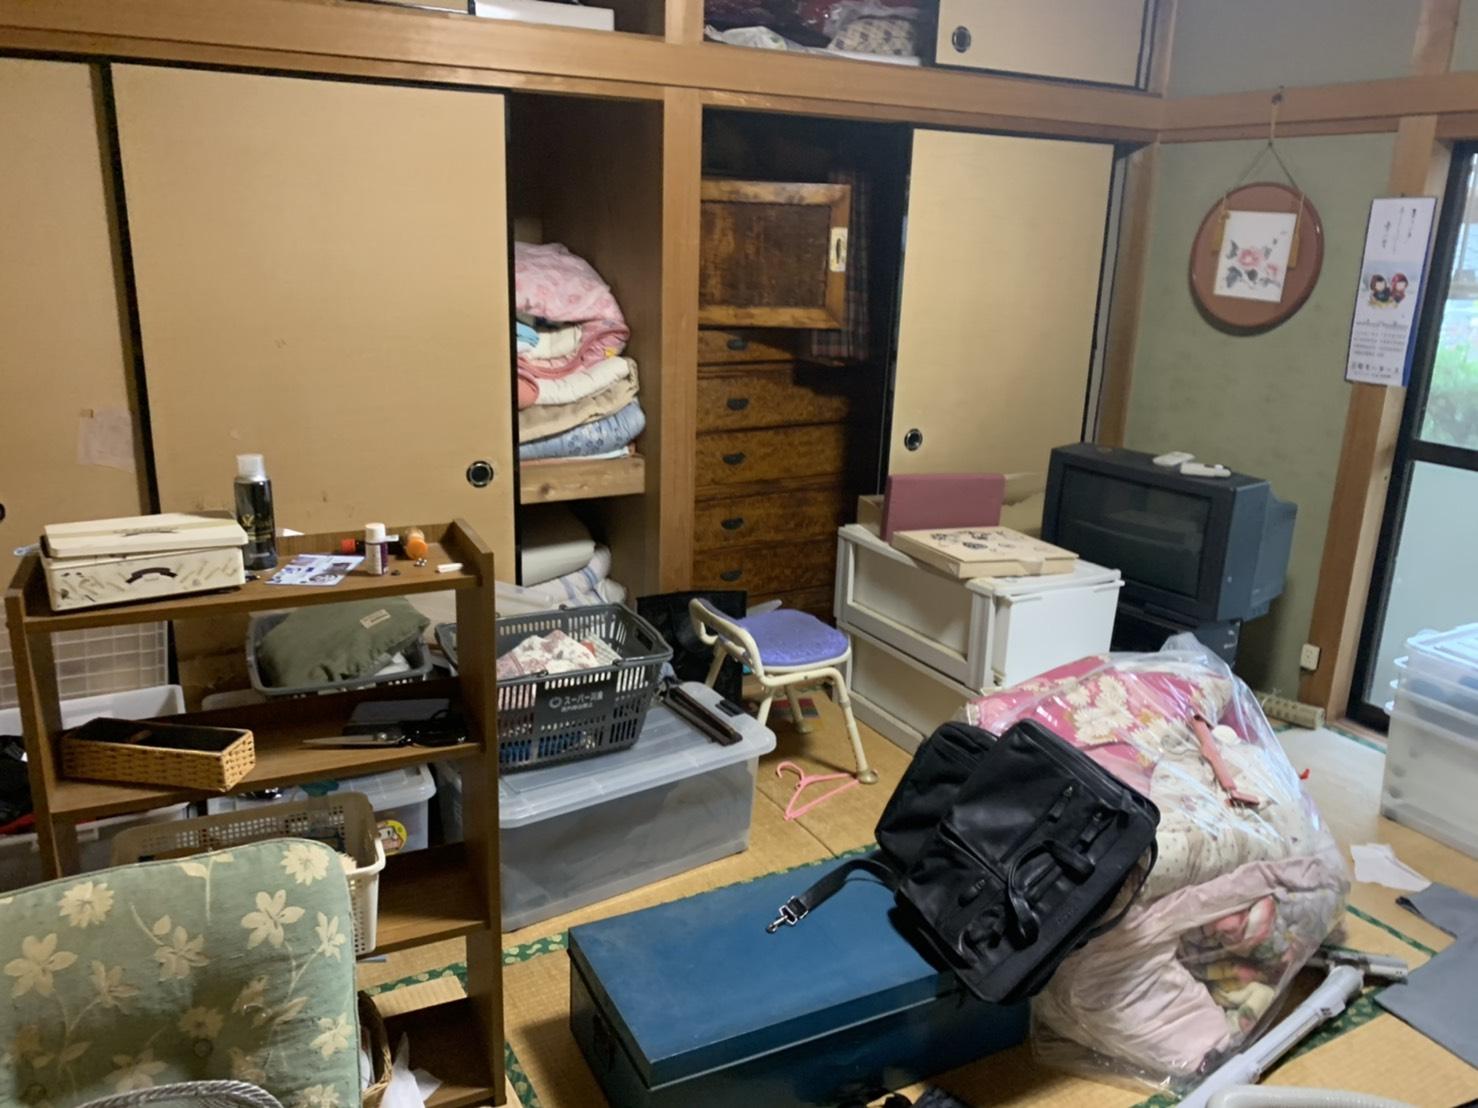 テレビ、タンス、布団、椅子の回収前